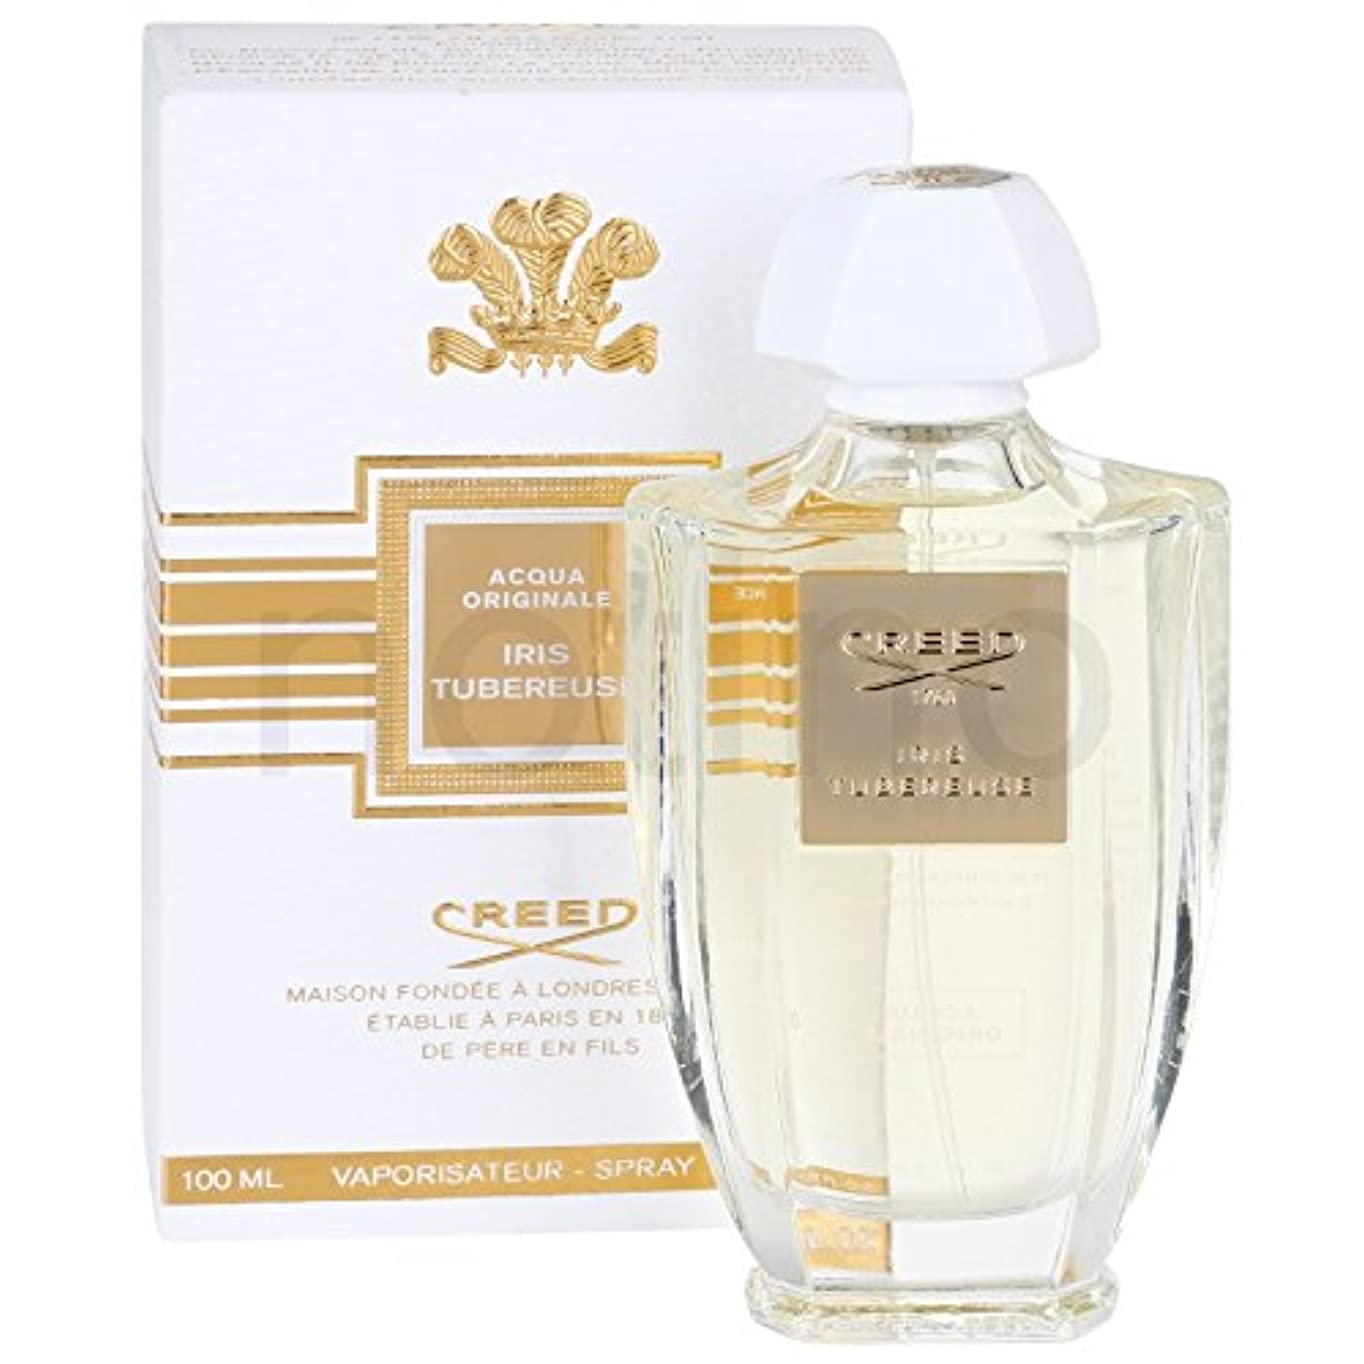 若者乞食ピストンCreed Acqua Originale Iris Tubereuse (クリード アクア オリジナル アイリス チュベローズ) 3.3 oz (100ml) EDP Spray for Women